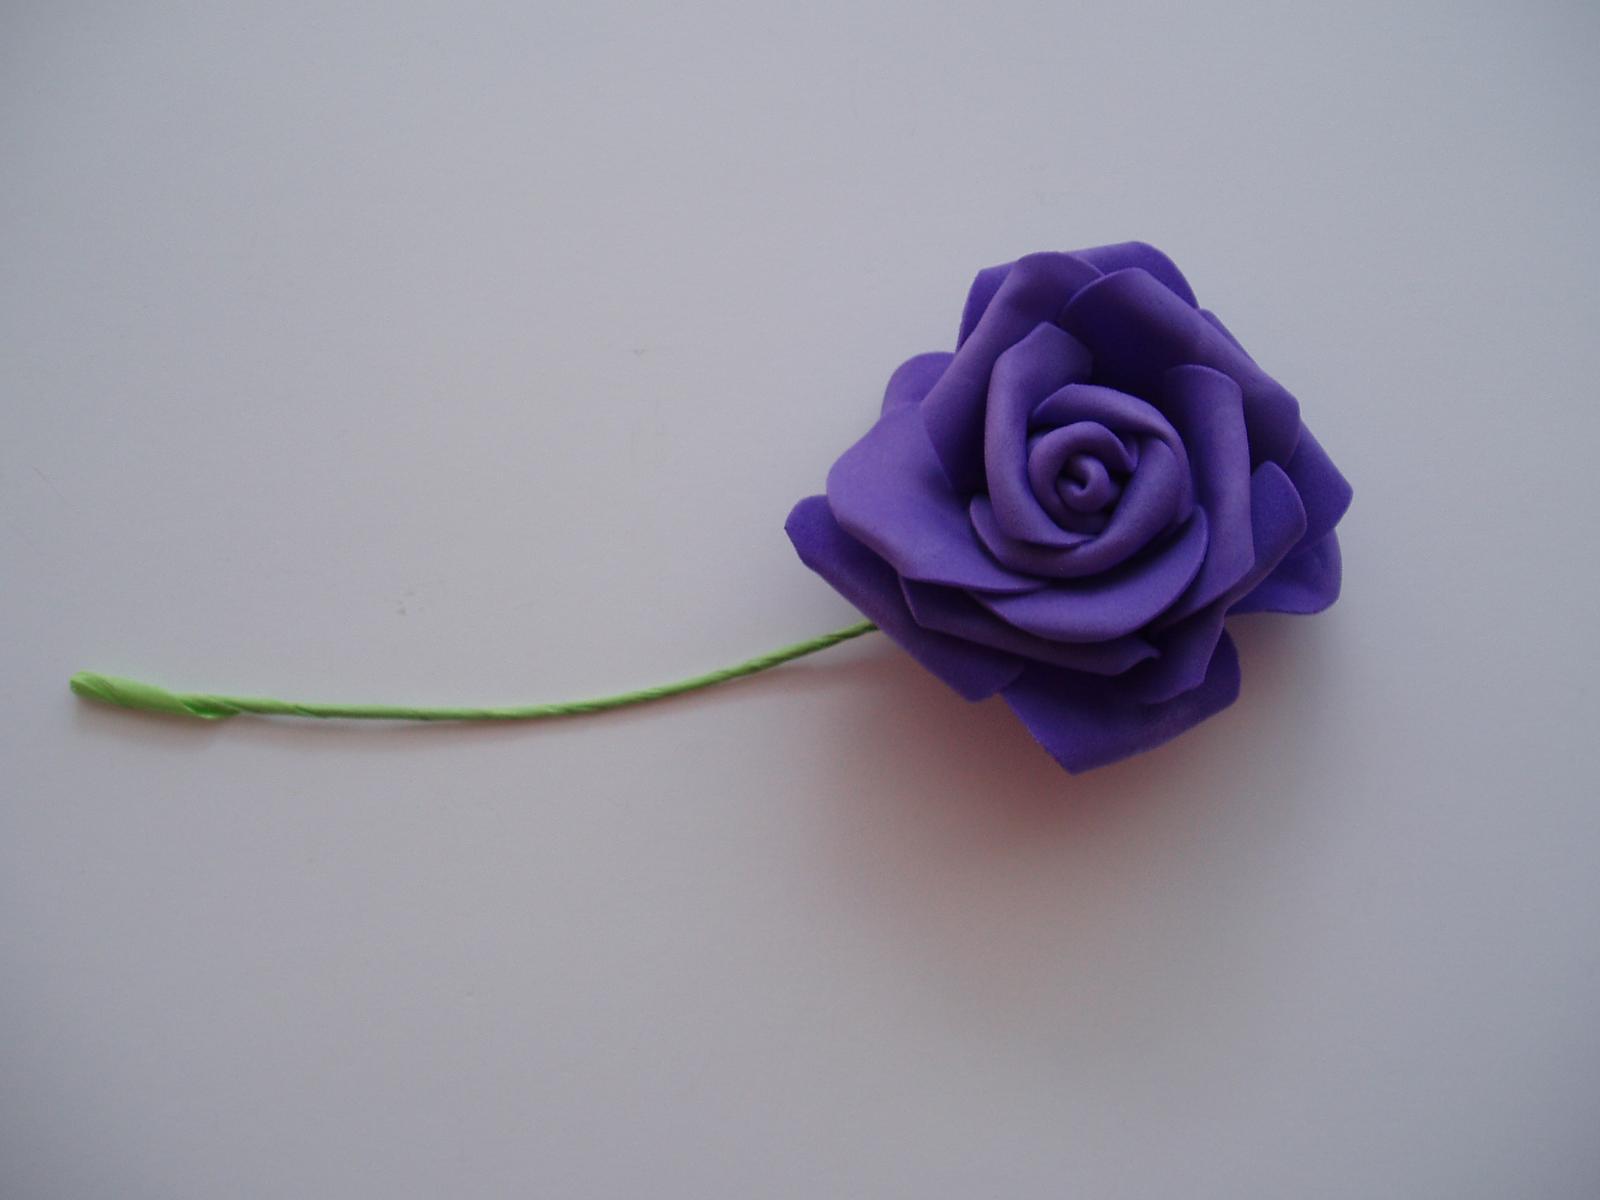 Šerpy,cylindry,srdce... - pěnová růže fialová